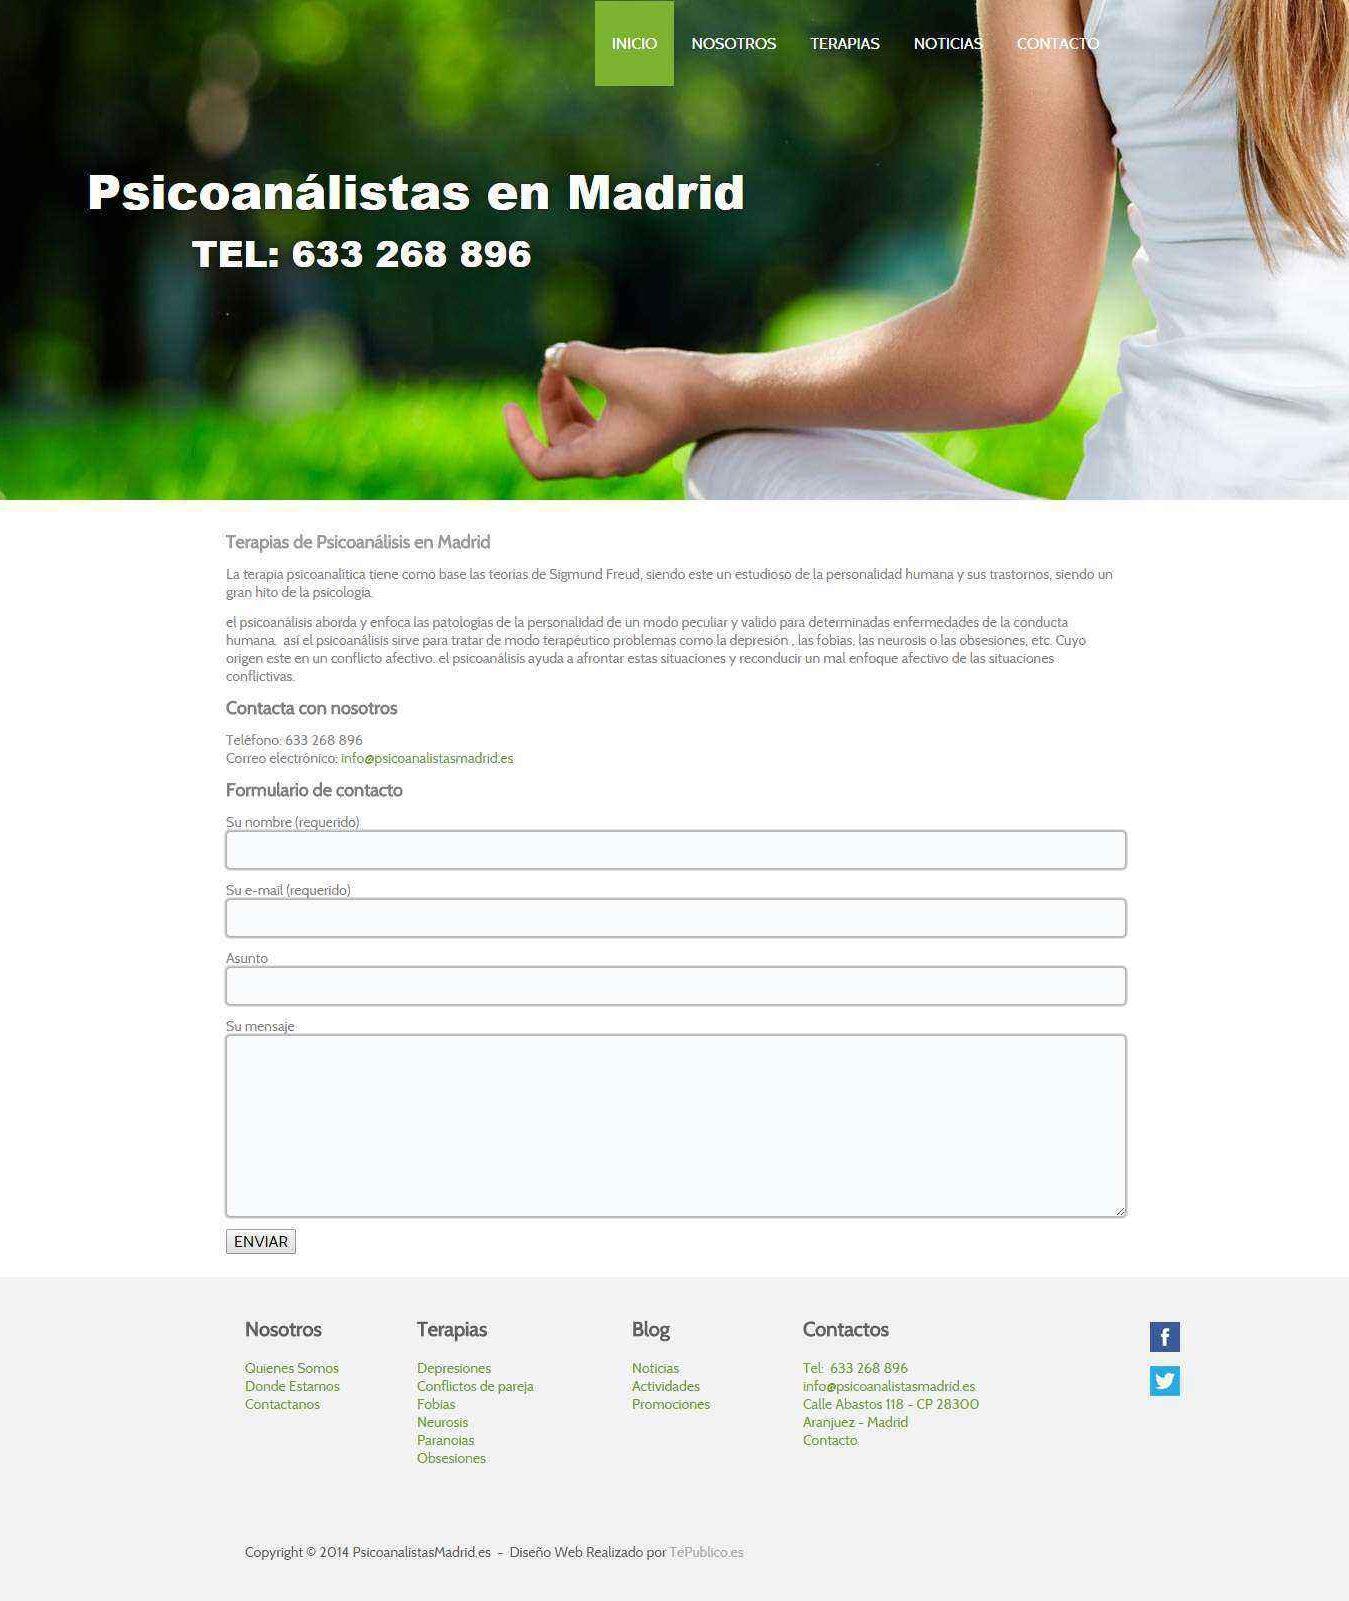 screencapture-psicoanalistasmadrid-es-1446472024520